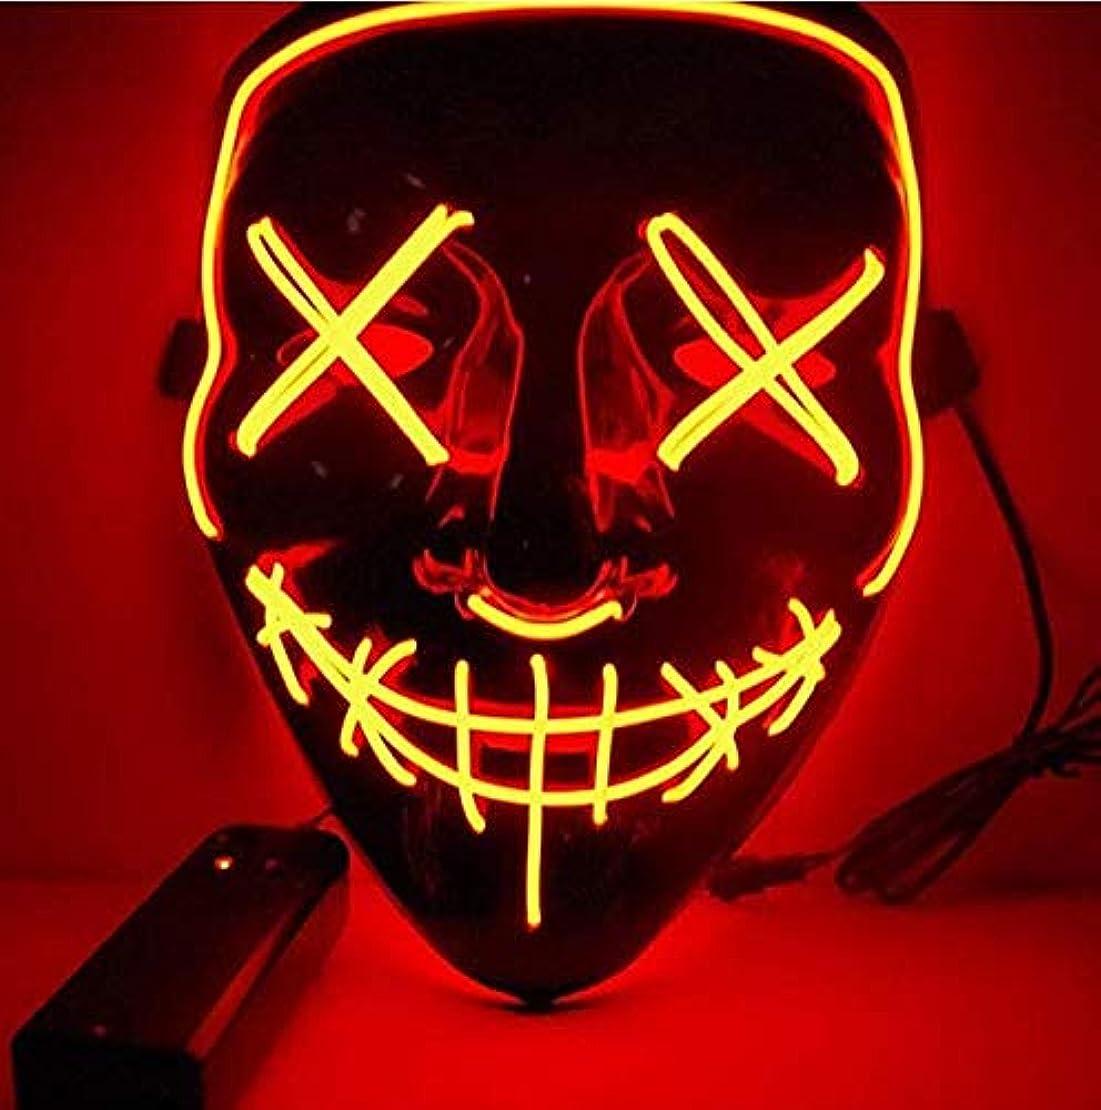 豆懐疑論そんなにハロウィンマスクLEDライトアップパーティーマスクコスプレコスチュームサプライ暗闇で光る (Color : YELLOW)